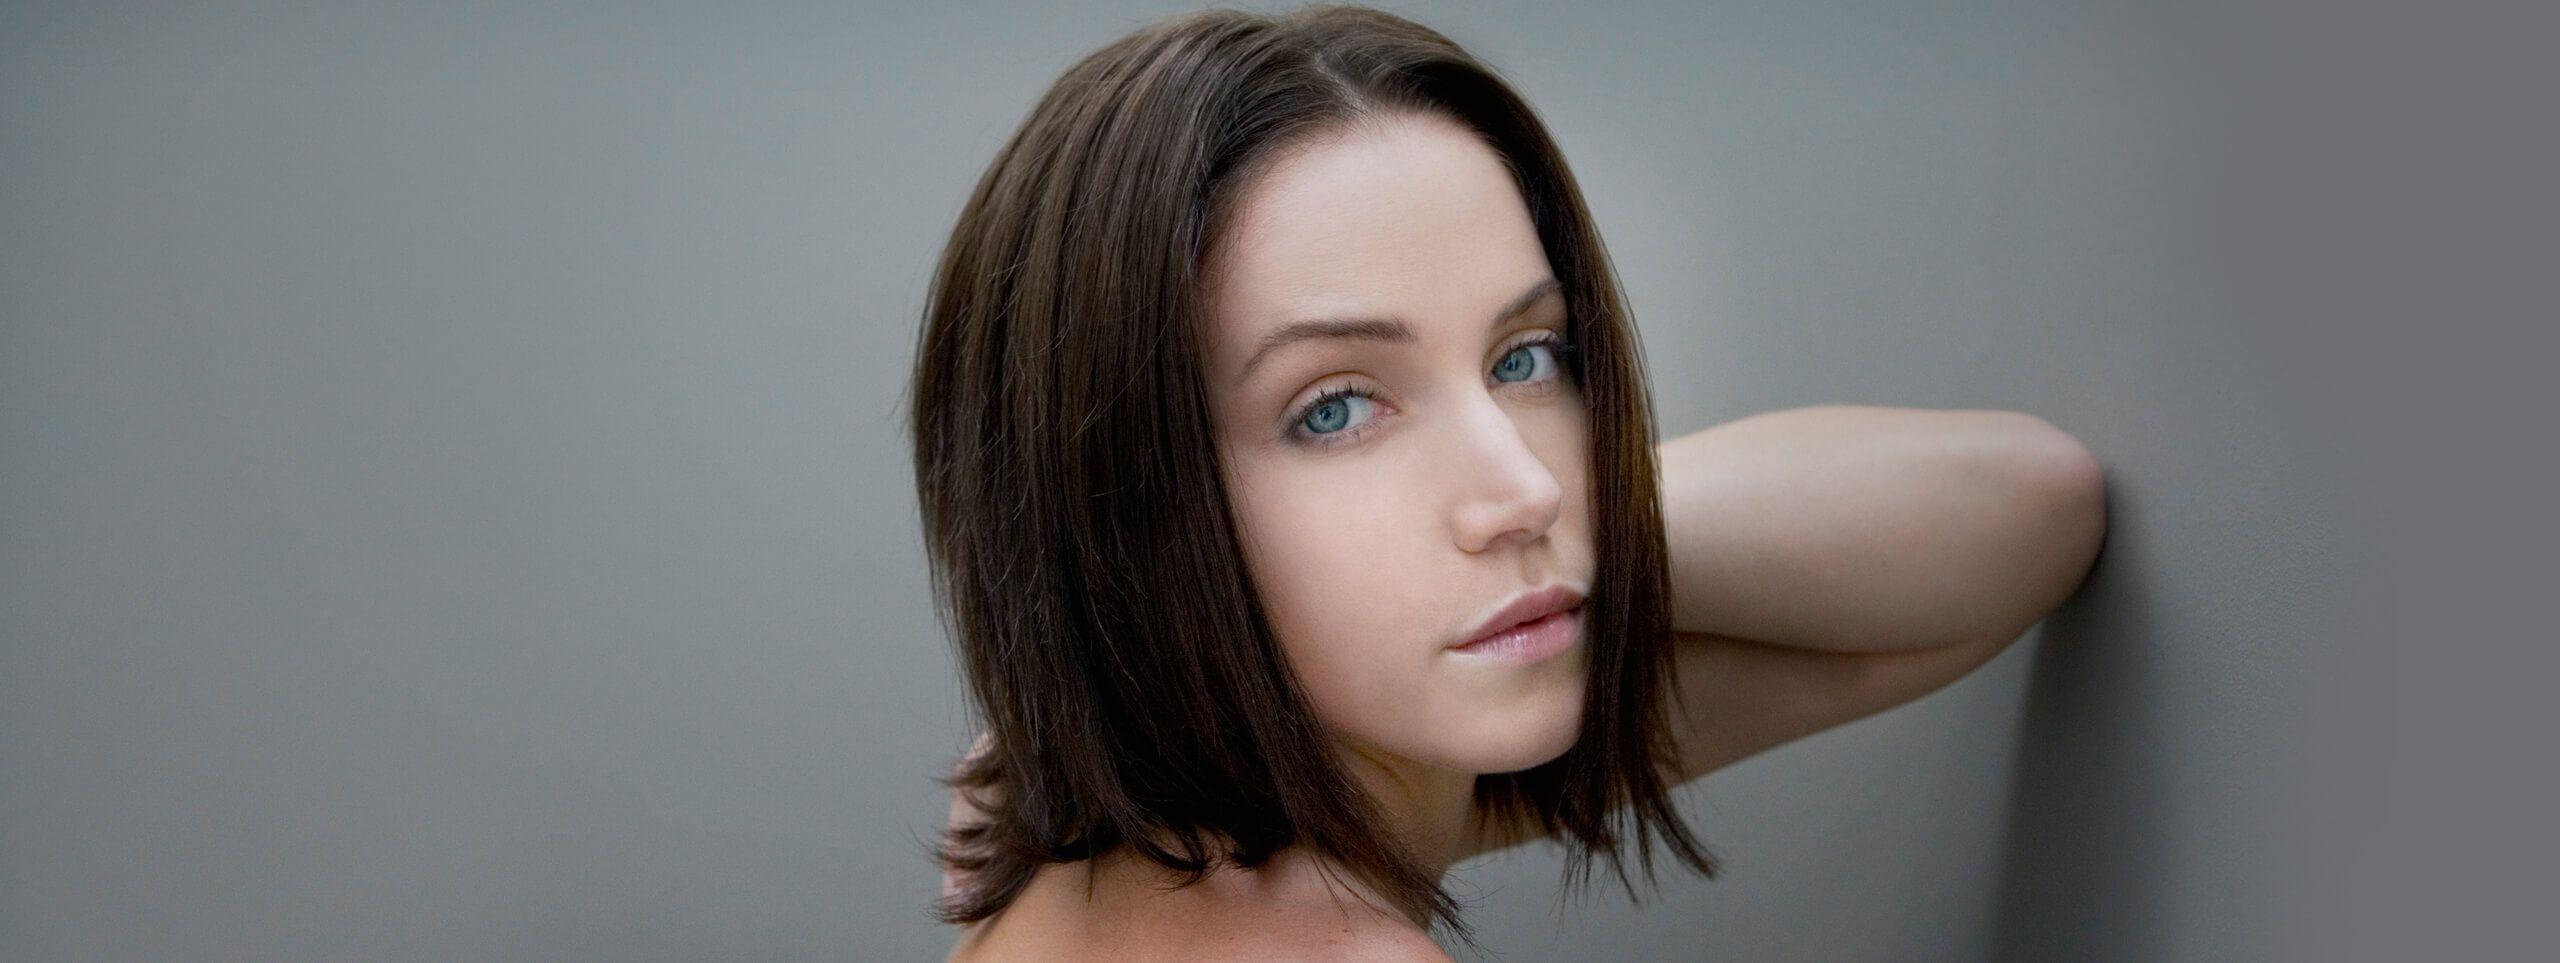 Kobieta o krótkich brązowych włosach